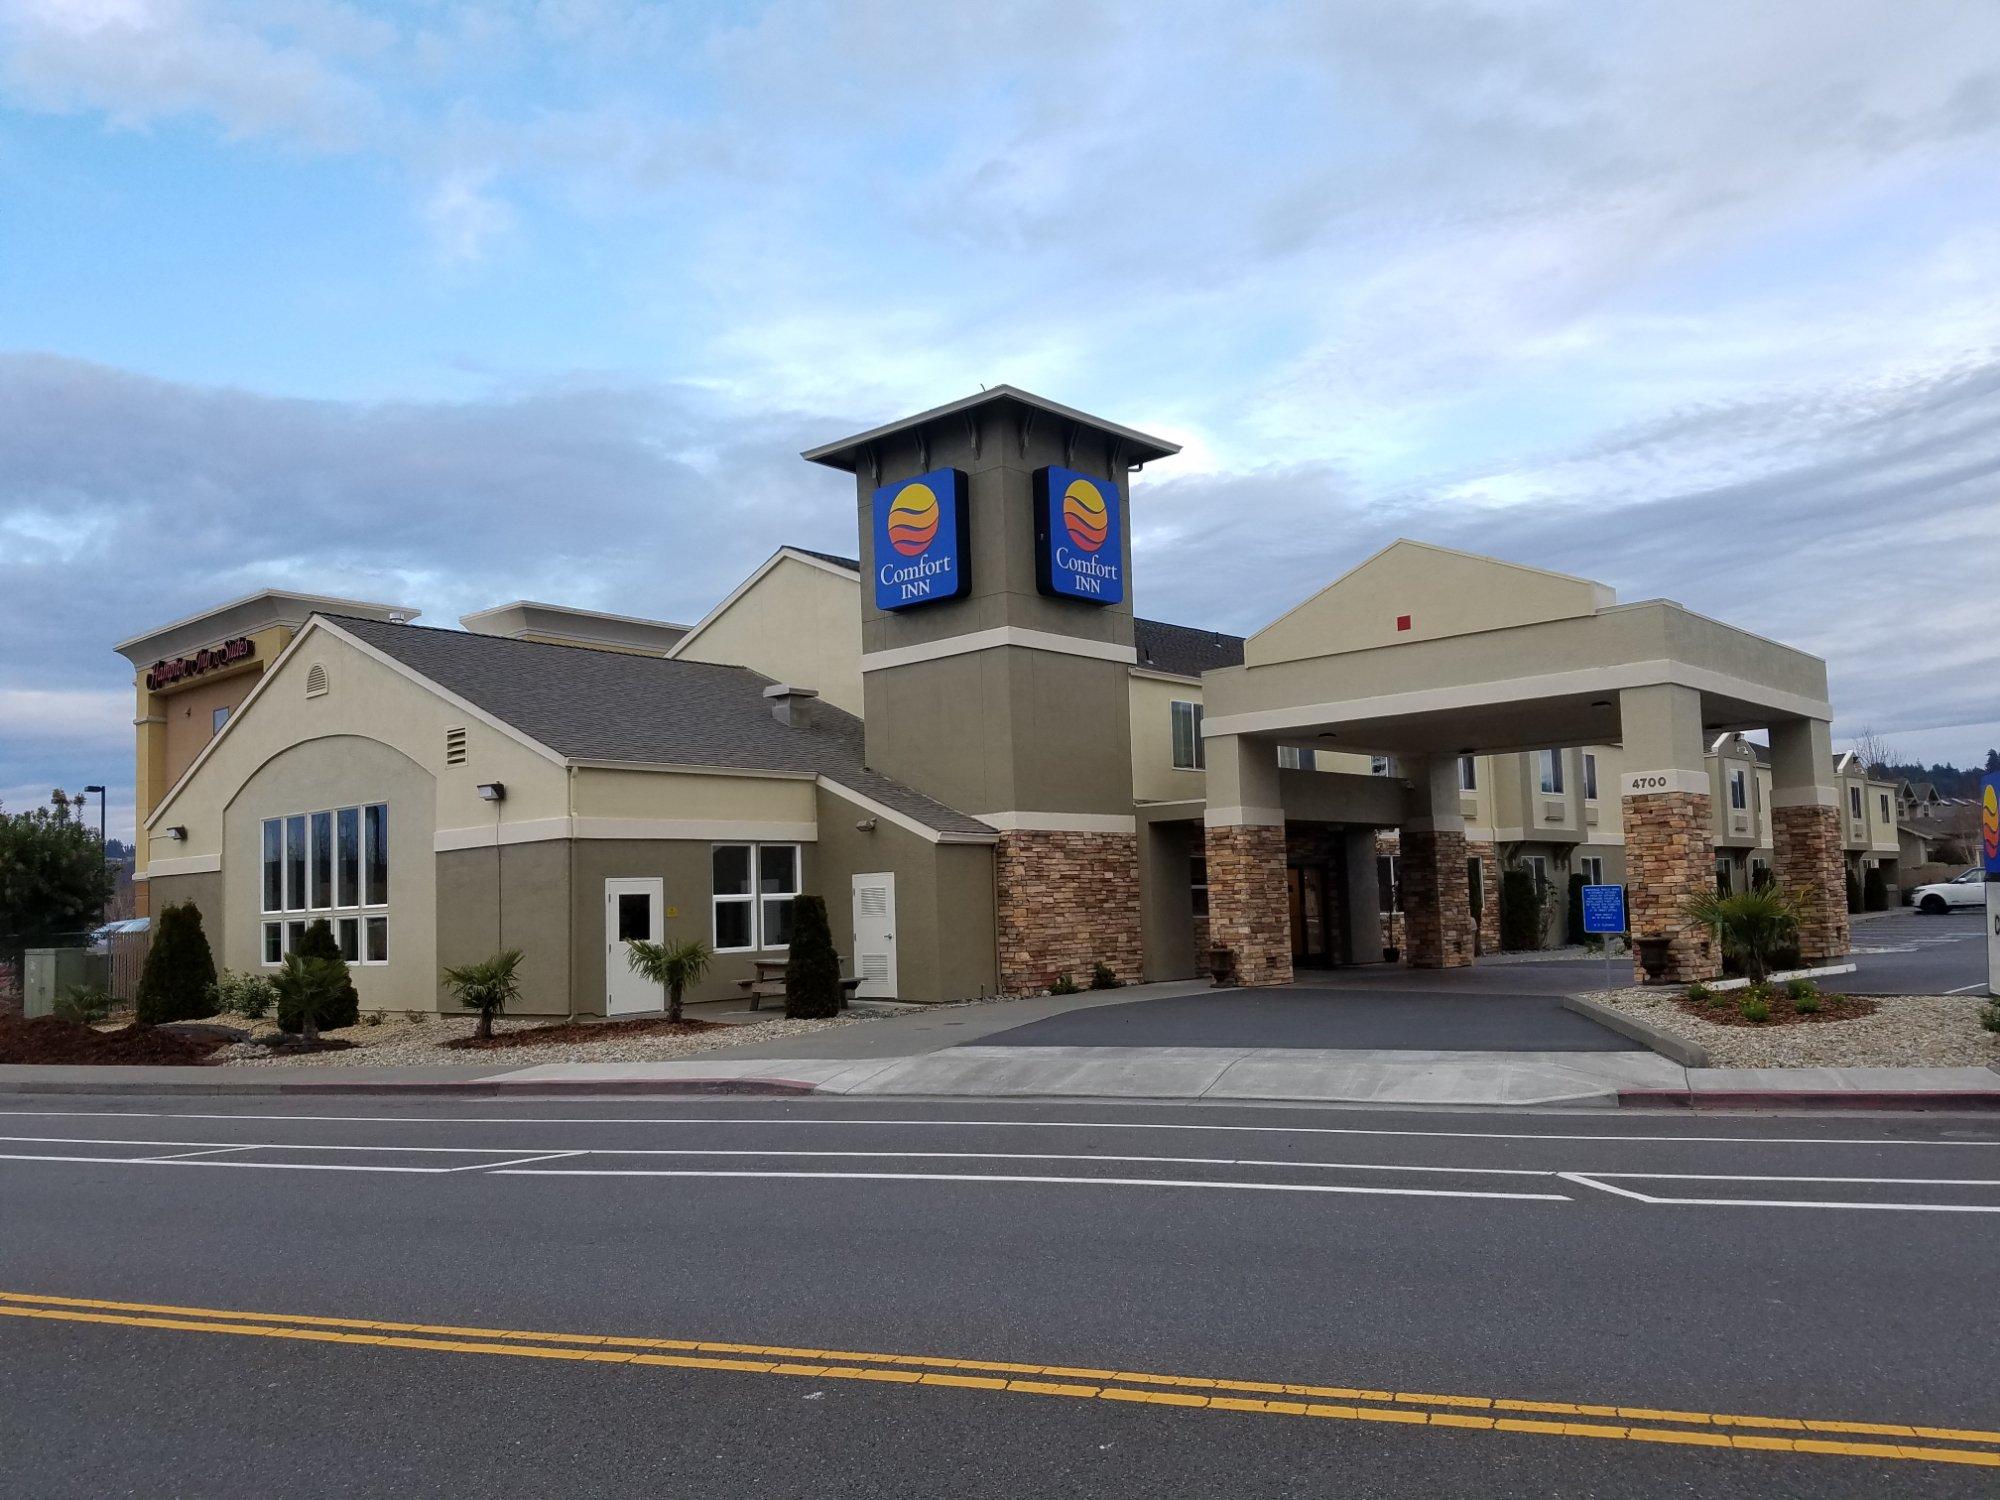 Comfort Inn Arcata - Humboldt Area